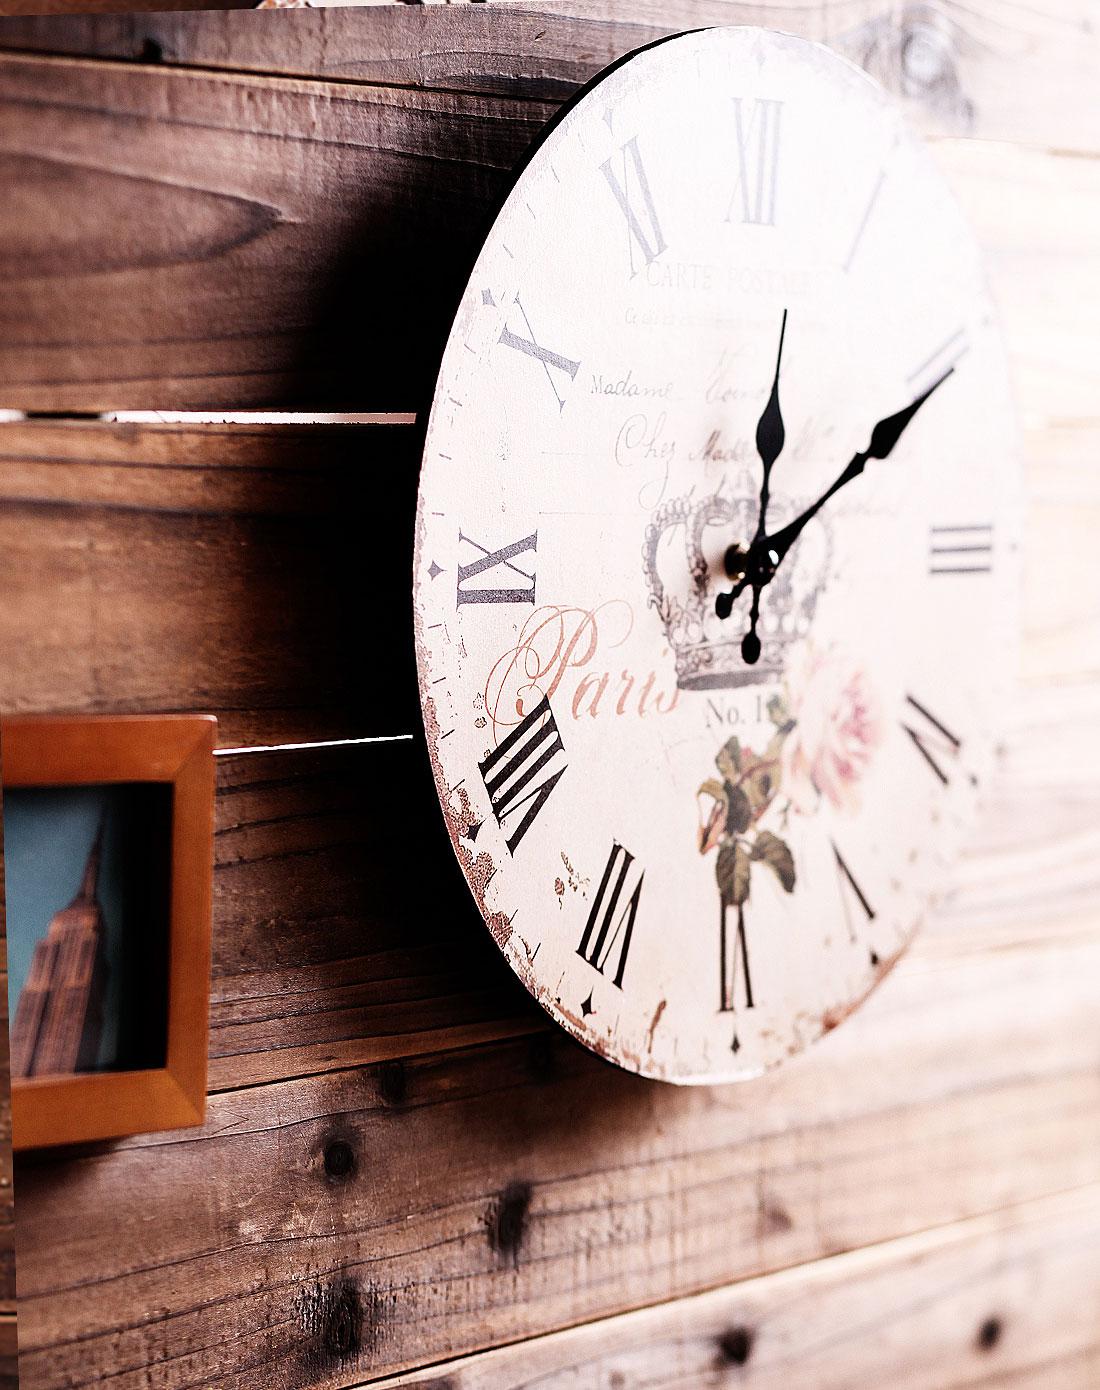 式仿古做旧皇冠木制时钟